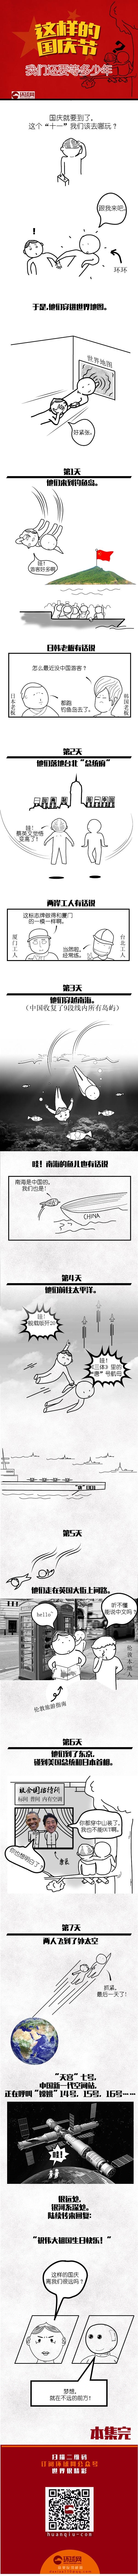 http://livedoor.blogimg.jp/hoshusokho/imgs/4/d/4d79e6ac.jpg